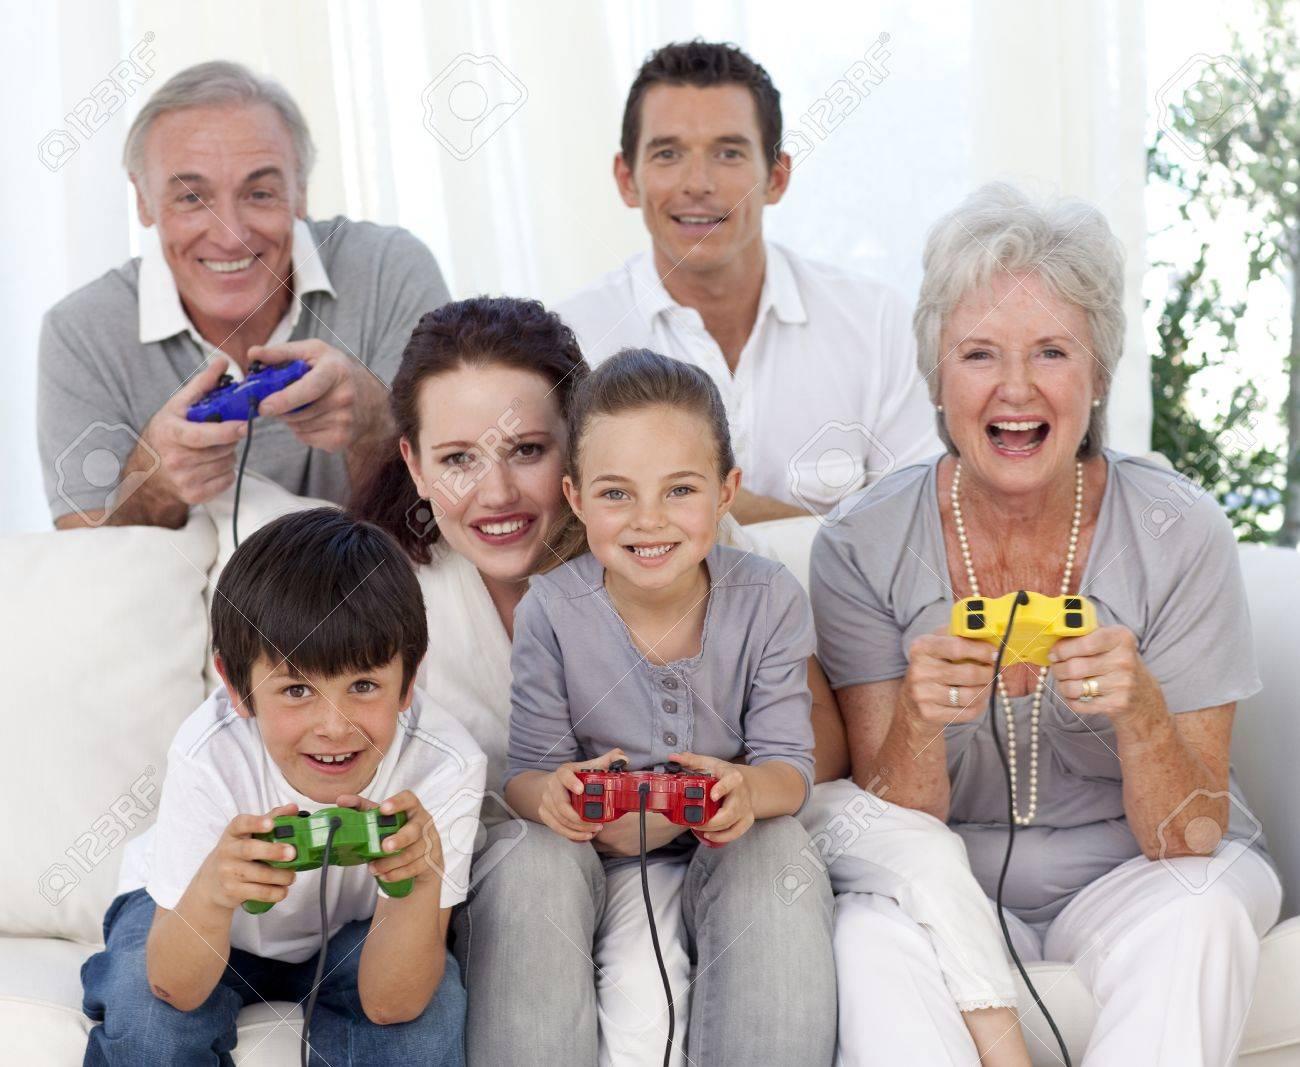 Jugar Juegos De Video En Casa De Familia Fotos Retratos Imagenes Y